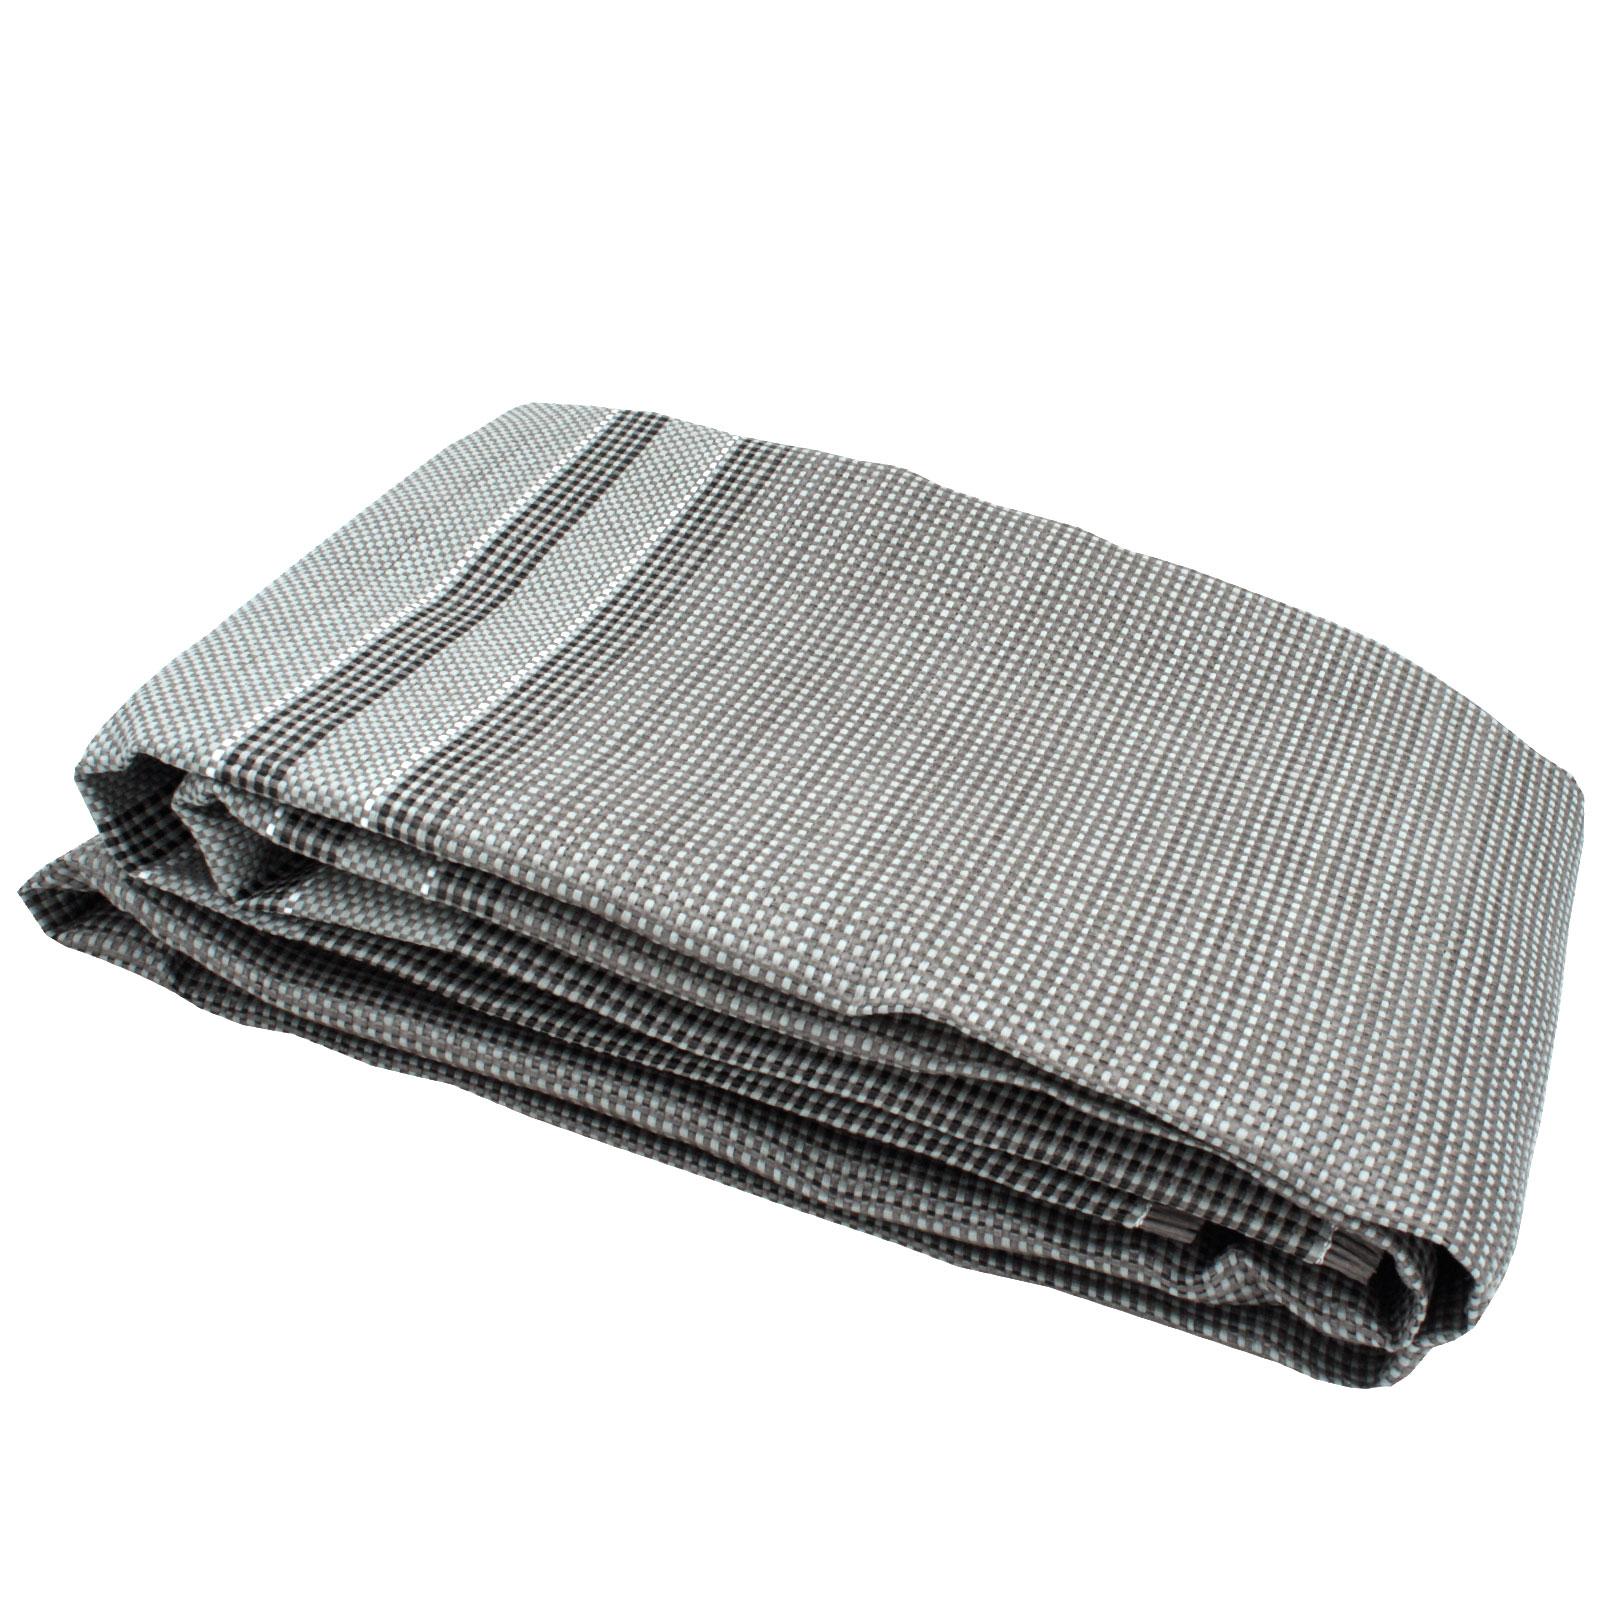 Vorzeltteppich-Zeltteppich-250x400-6-Clips-Heringe-Campingteppich-Vorzeltboden Indexbild 6